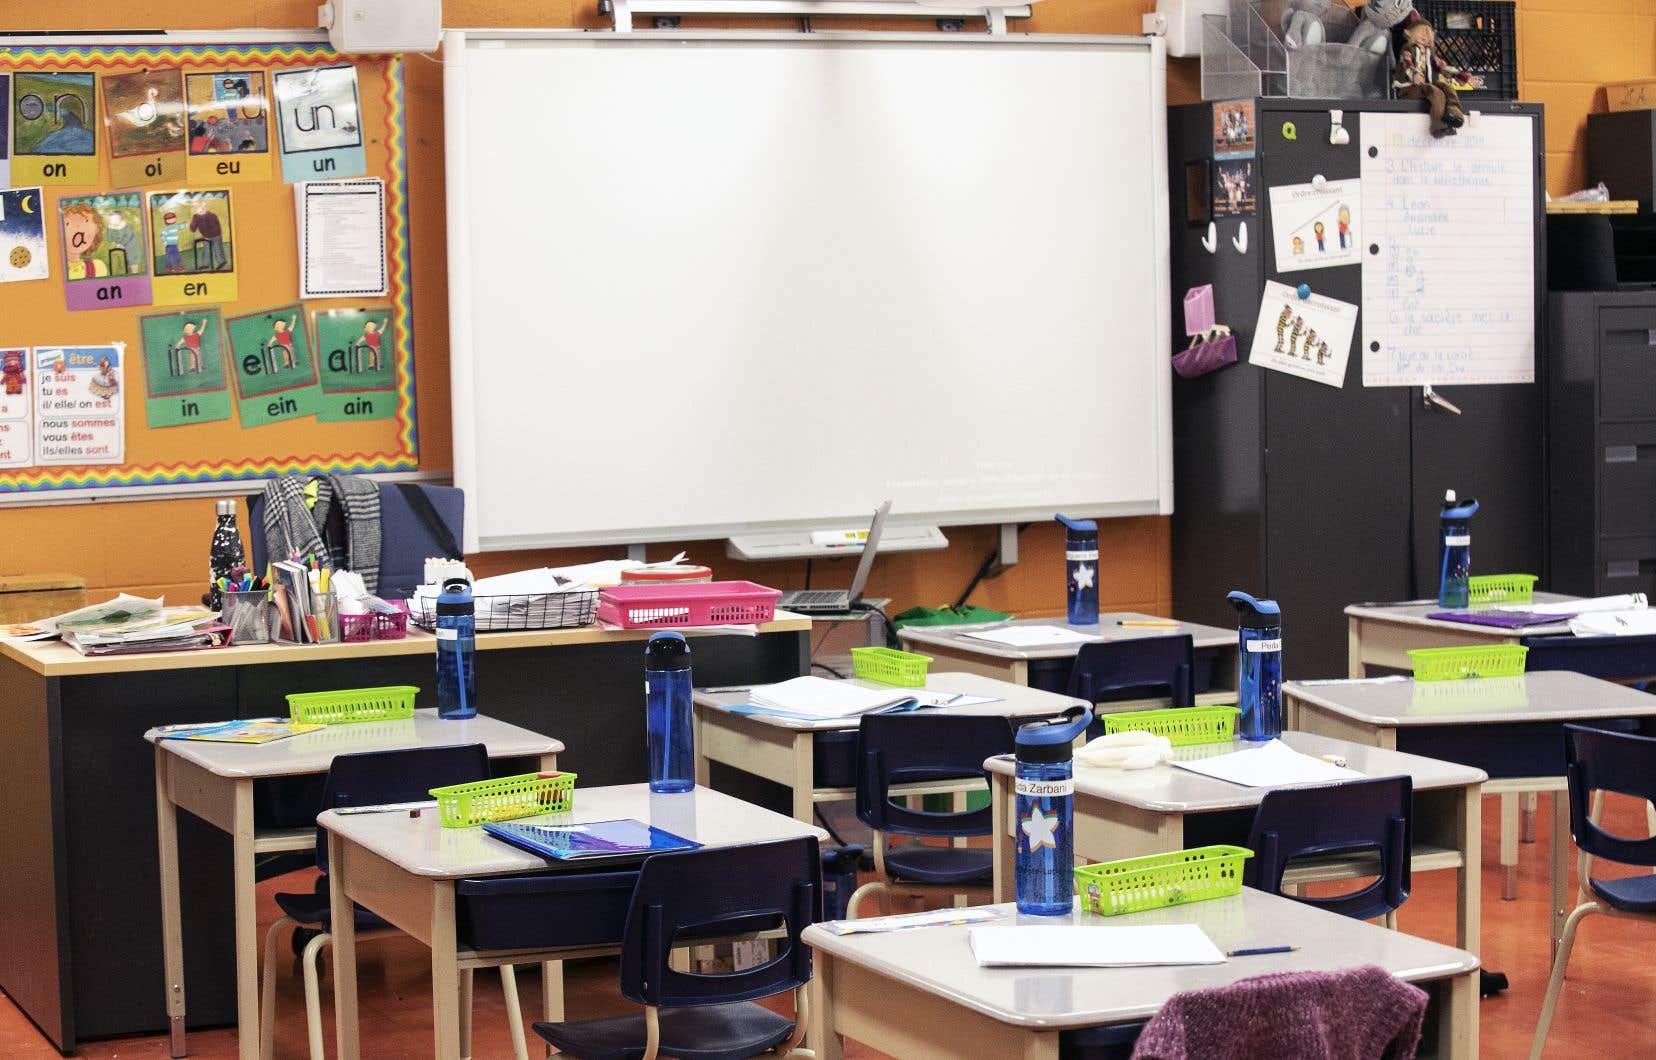 Les syndicats d'enseignants, les comités de parents et les directions d'écoles exigent l'instauration de balises permettant de prévoir ce qui arrivera quand des cas de coronavirus seront détectés.